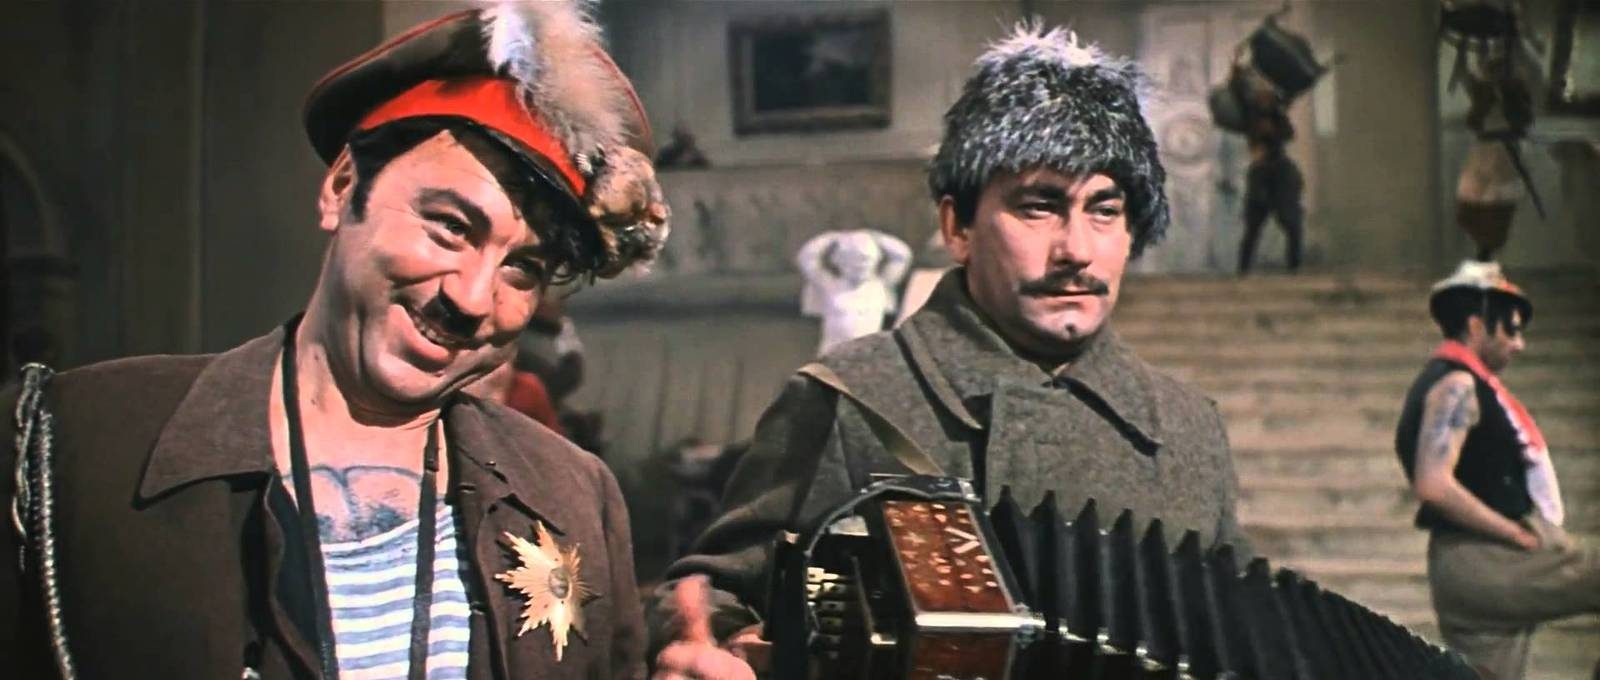 Как в старых советских фильмах людям врали проУкраину